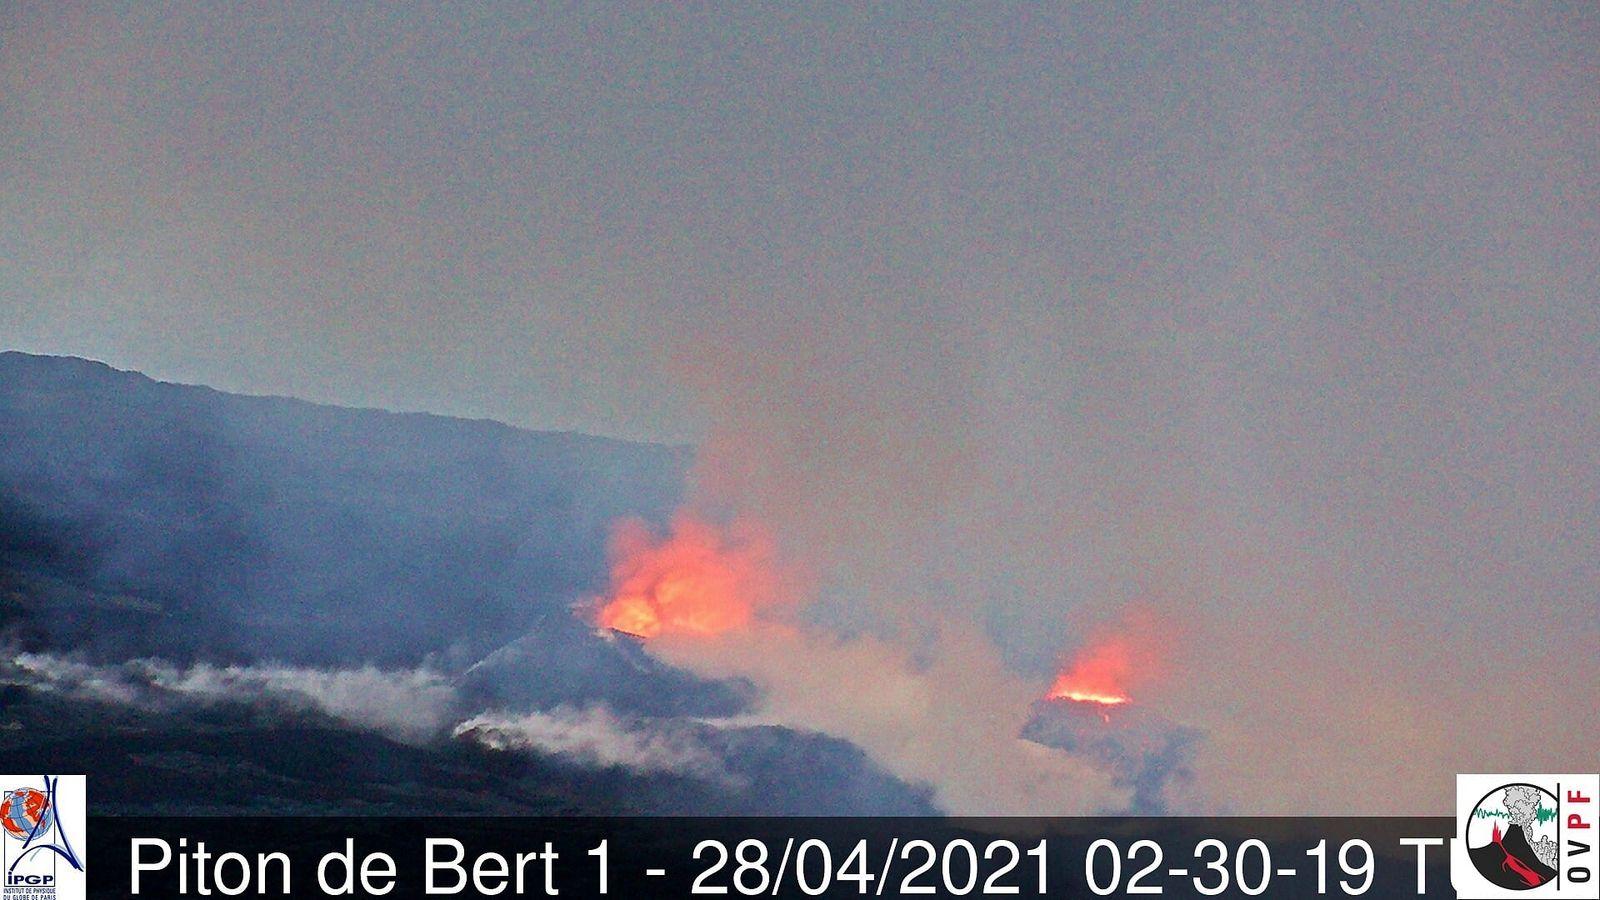 Piton de La Fournaise - deux cônes éruptifs actifs le 28.04.2021 / 02h30 TU - local 06h30 -  webcam Piton de Bert  -  IRT-OVPF-IPGP - un clic pour agrandir